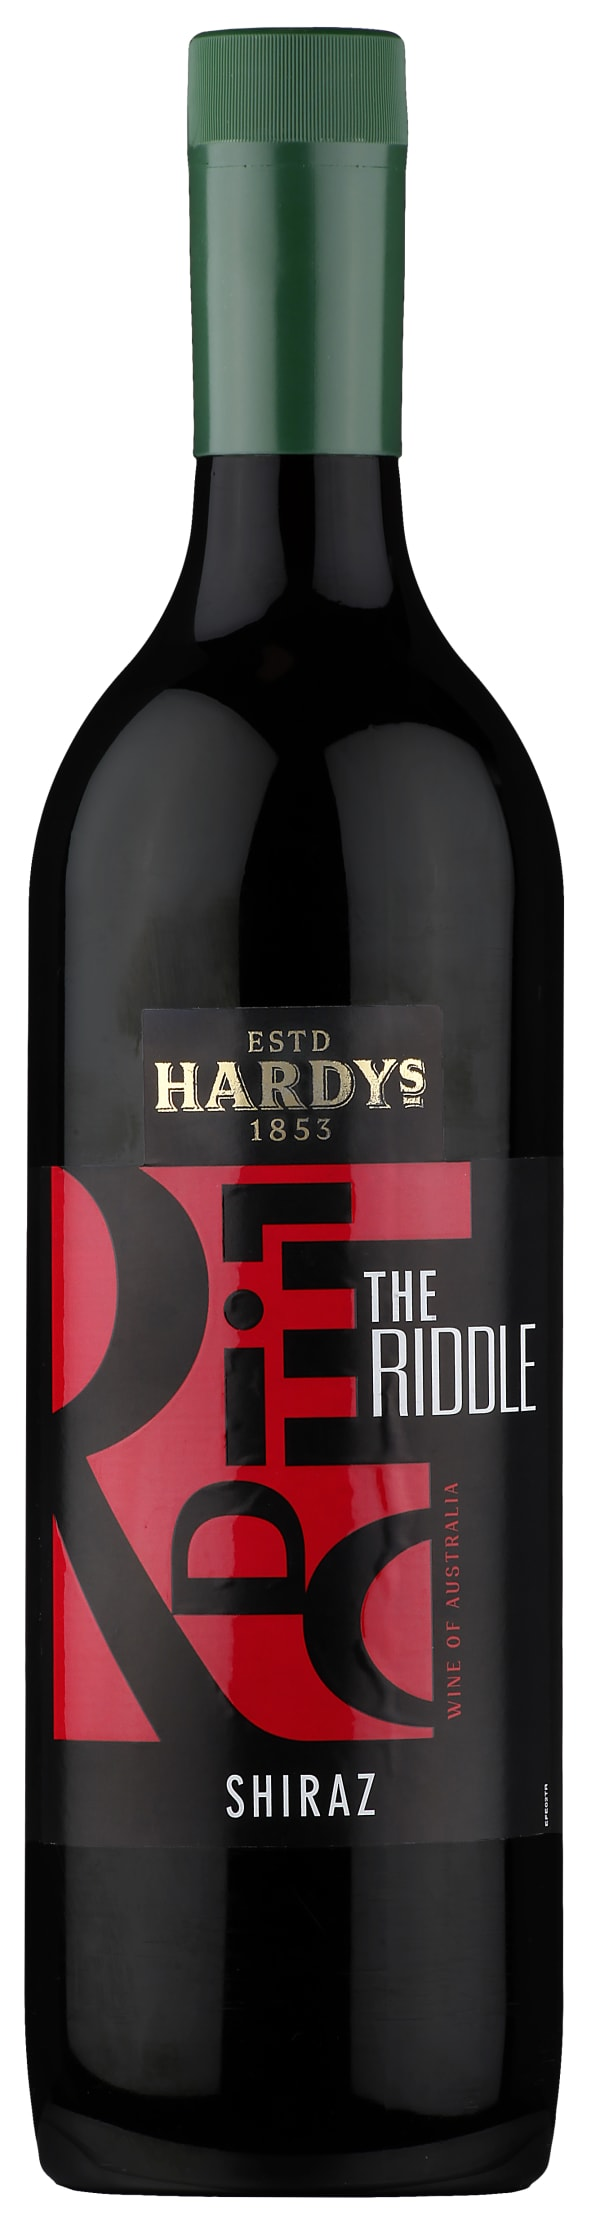 Hardys The Riddle Shiraz 2016 plastic bottle